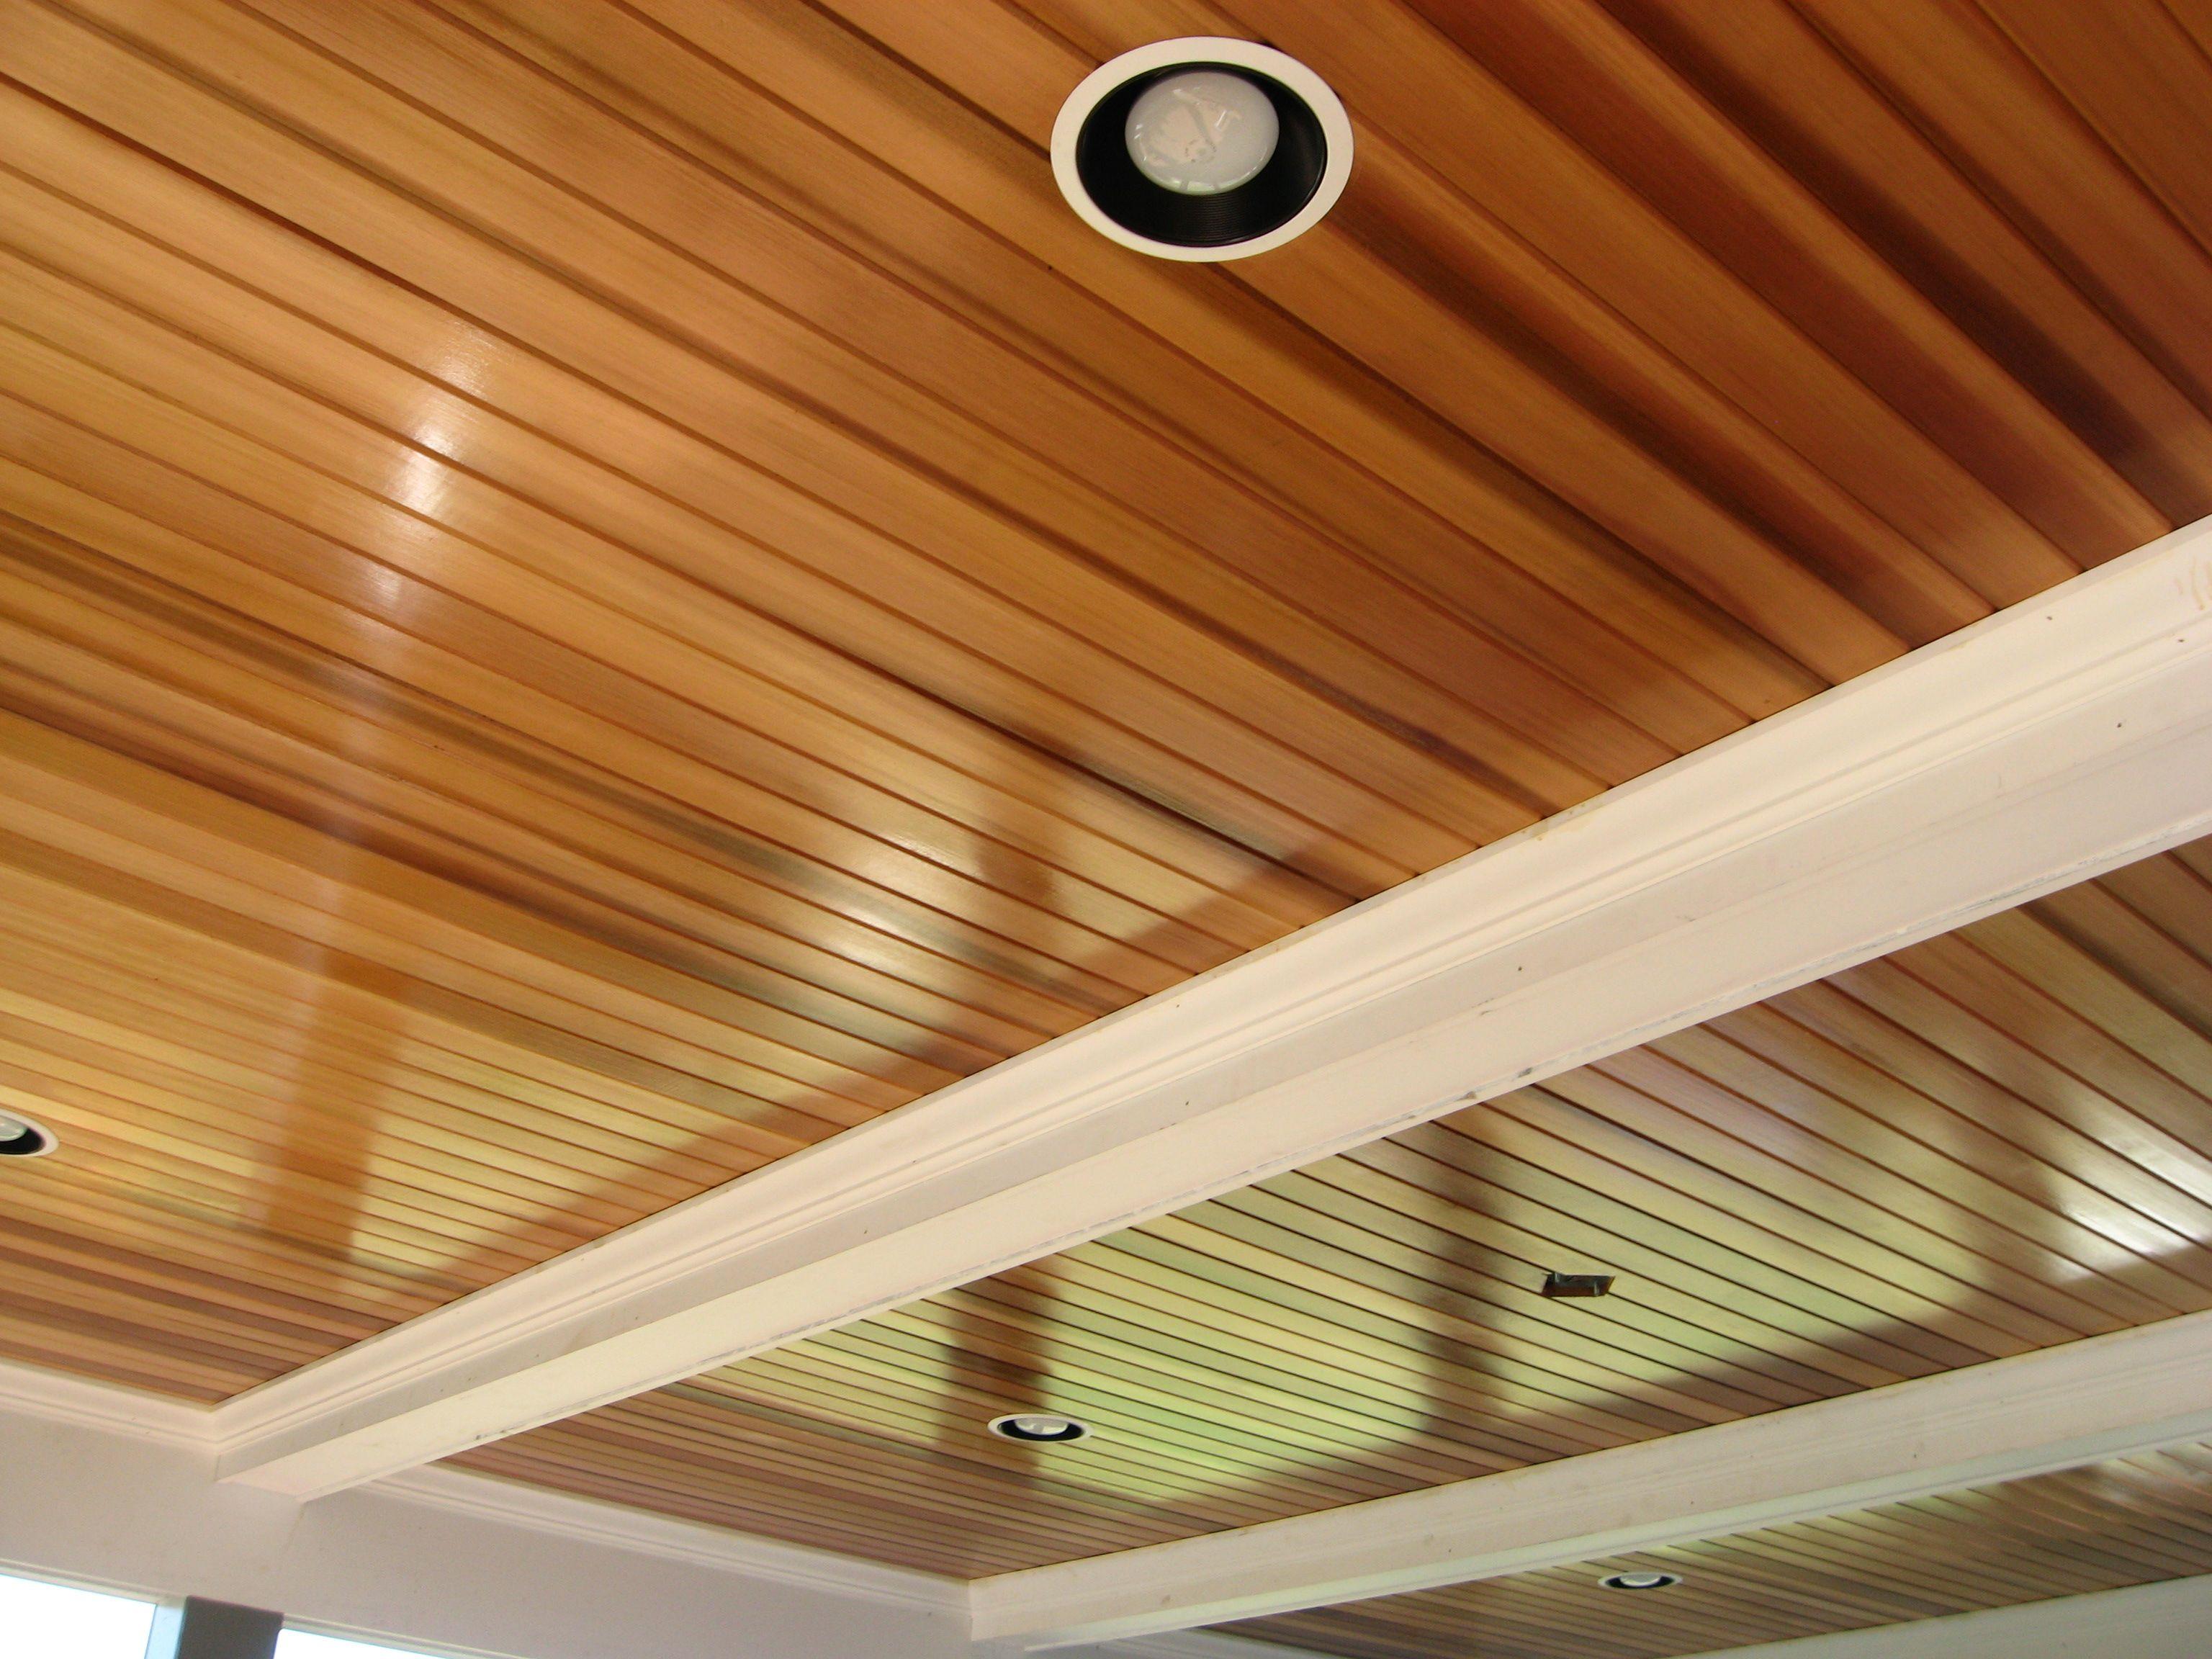 Cedar Ceiling Lake House Interior Wood Ceilings Ceiling